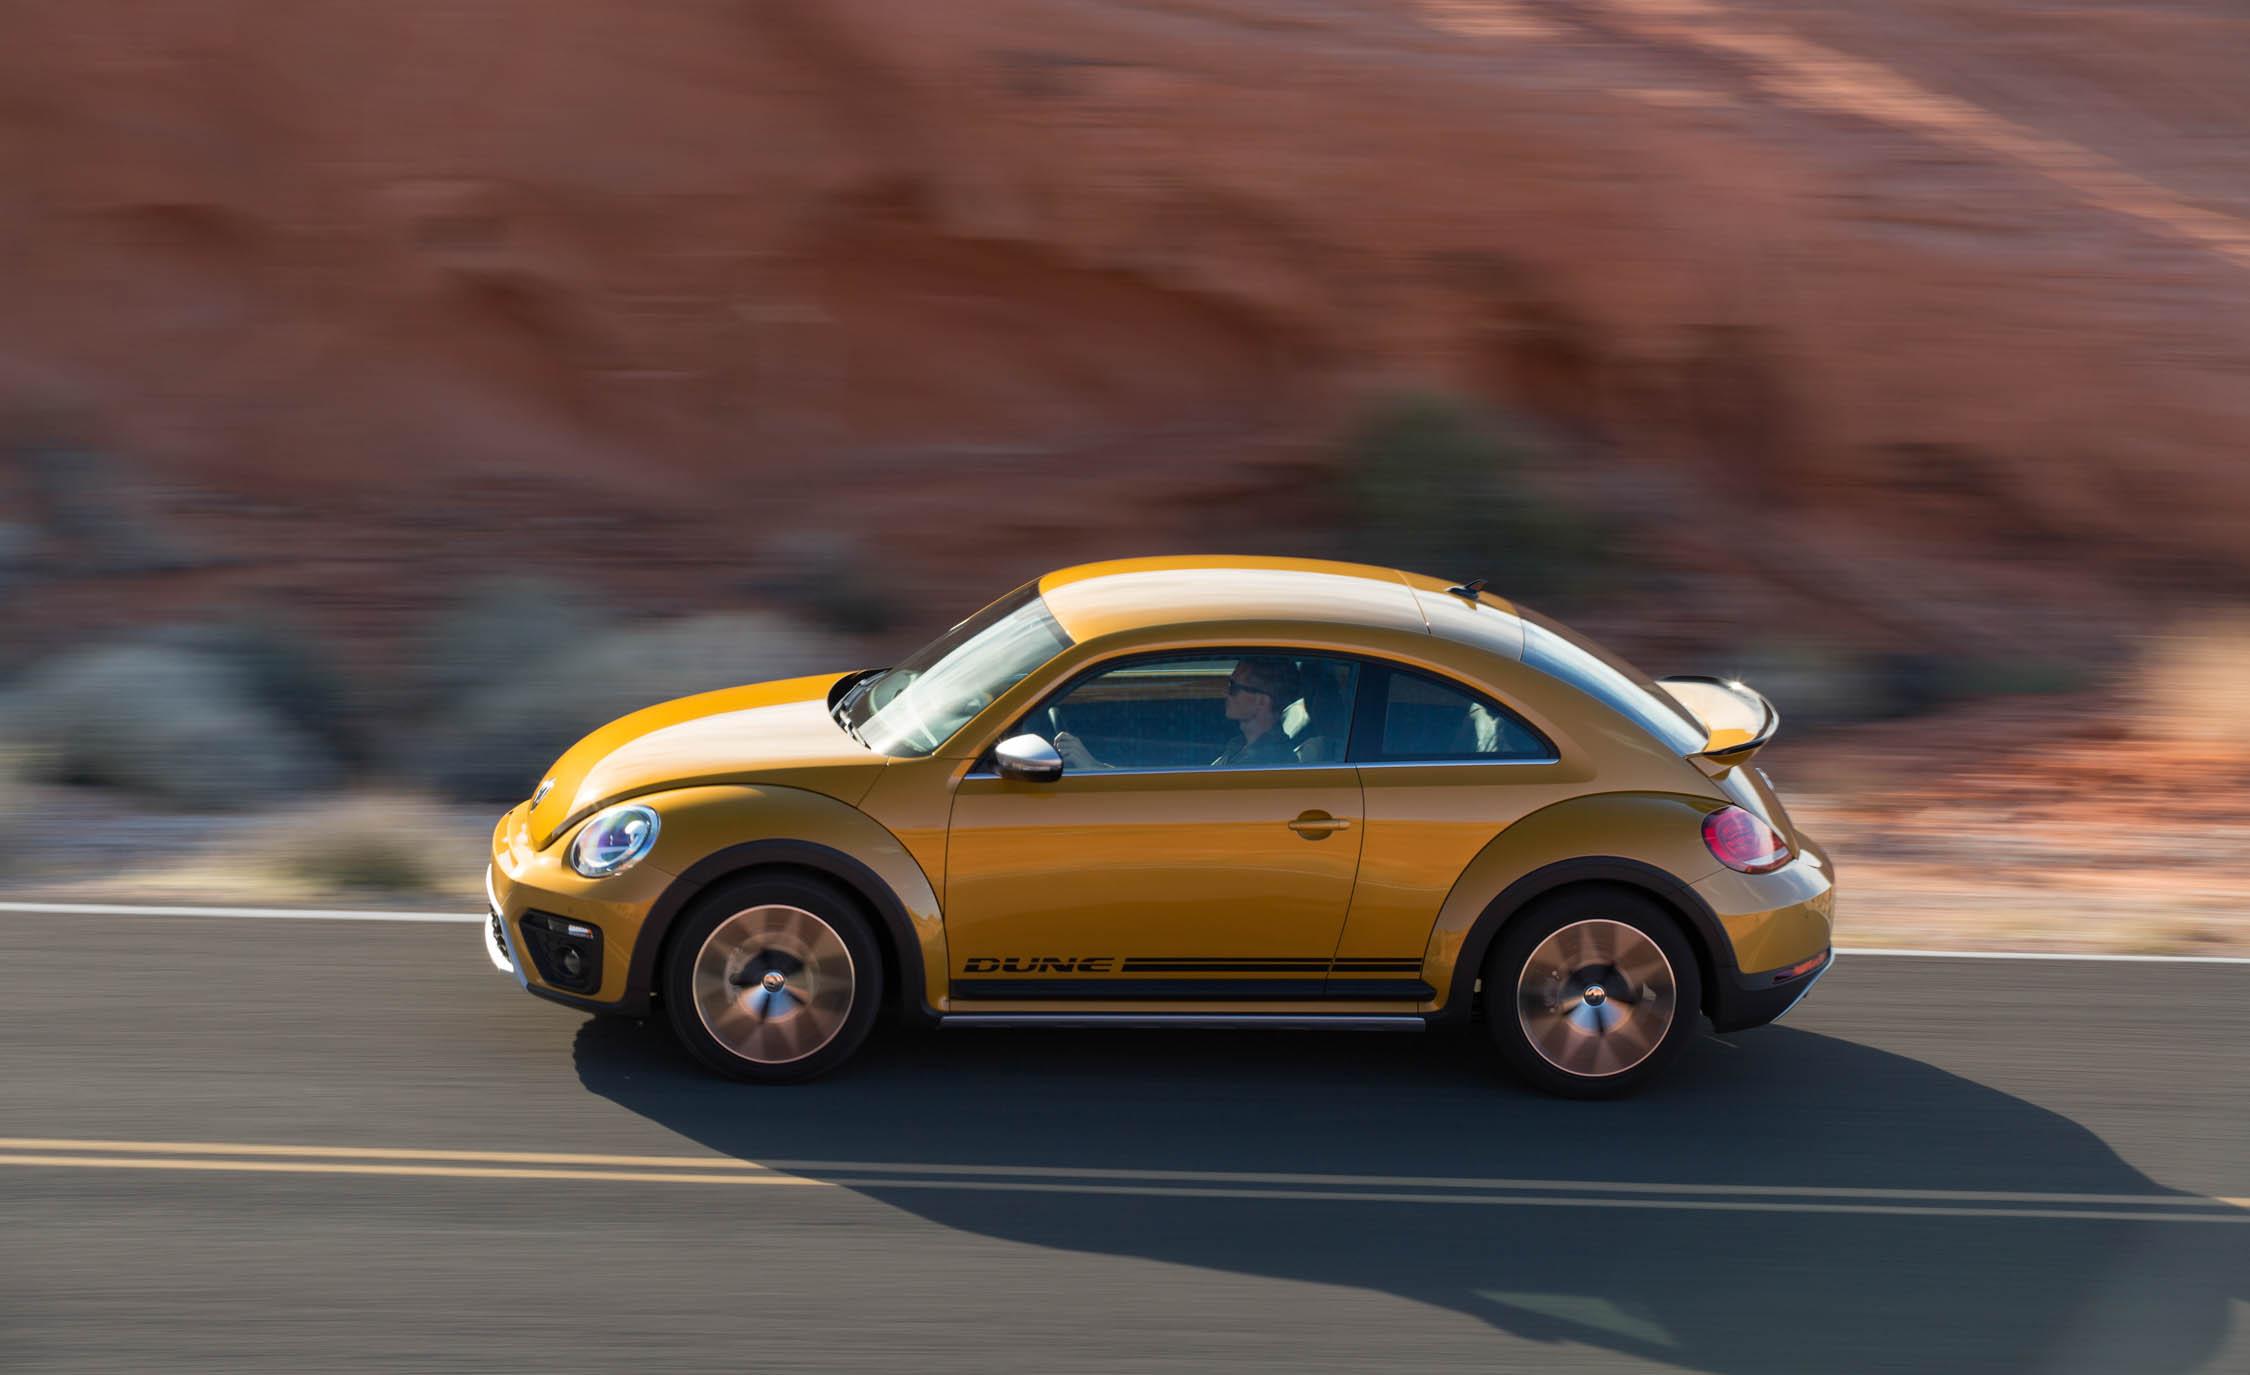 2016 Volkswagen Beetle Dune Test Side View (View 13 of 32)